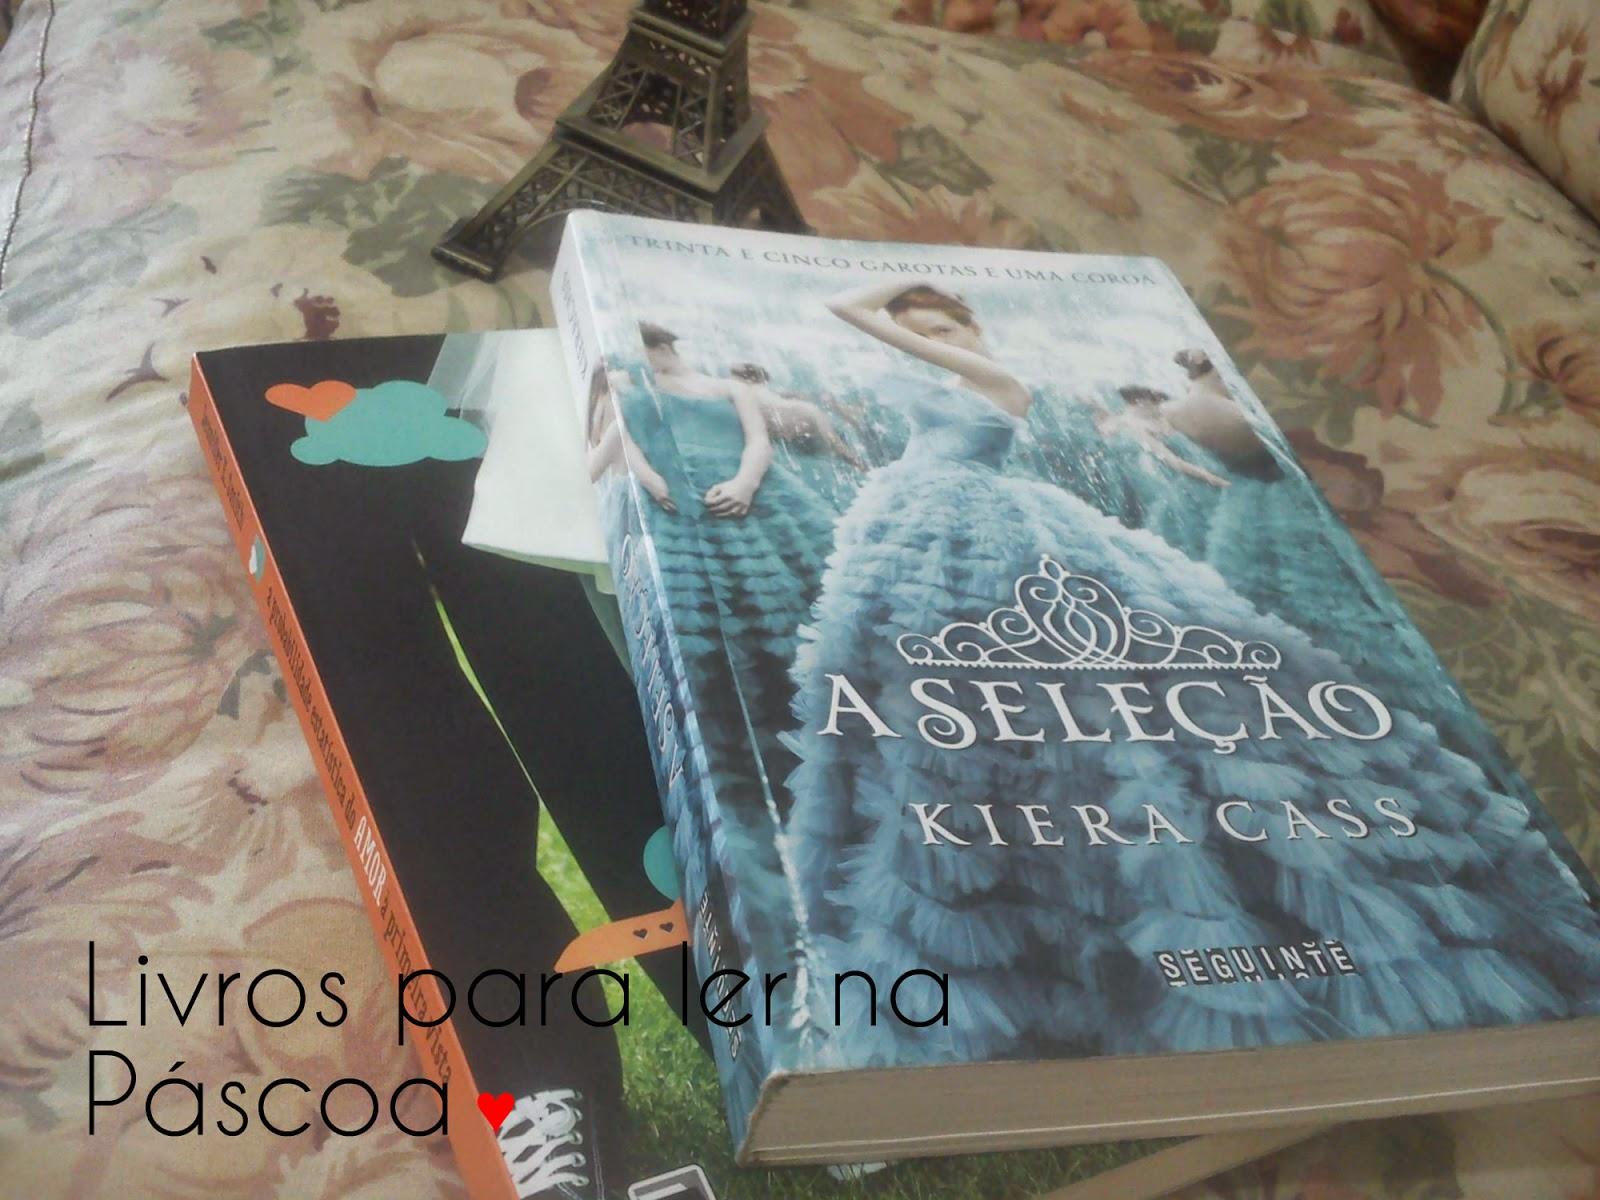 DSC 0090 - Livros para ler na Páscoa